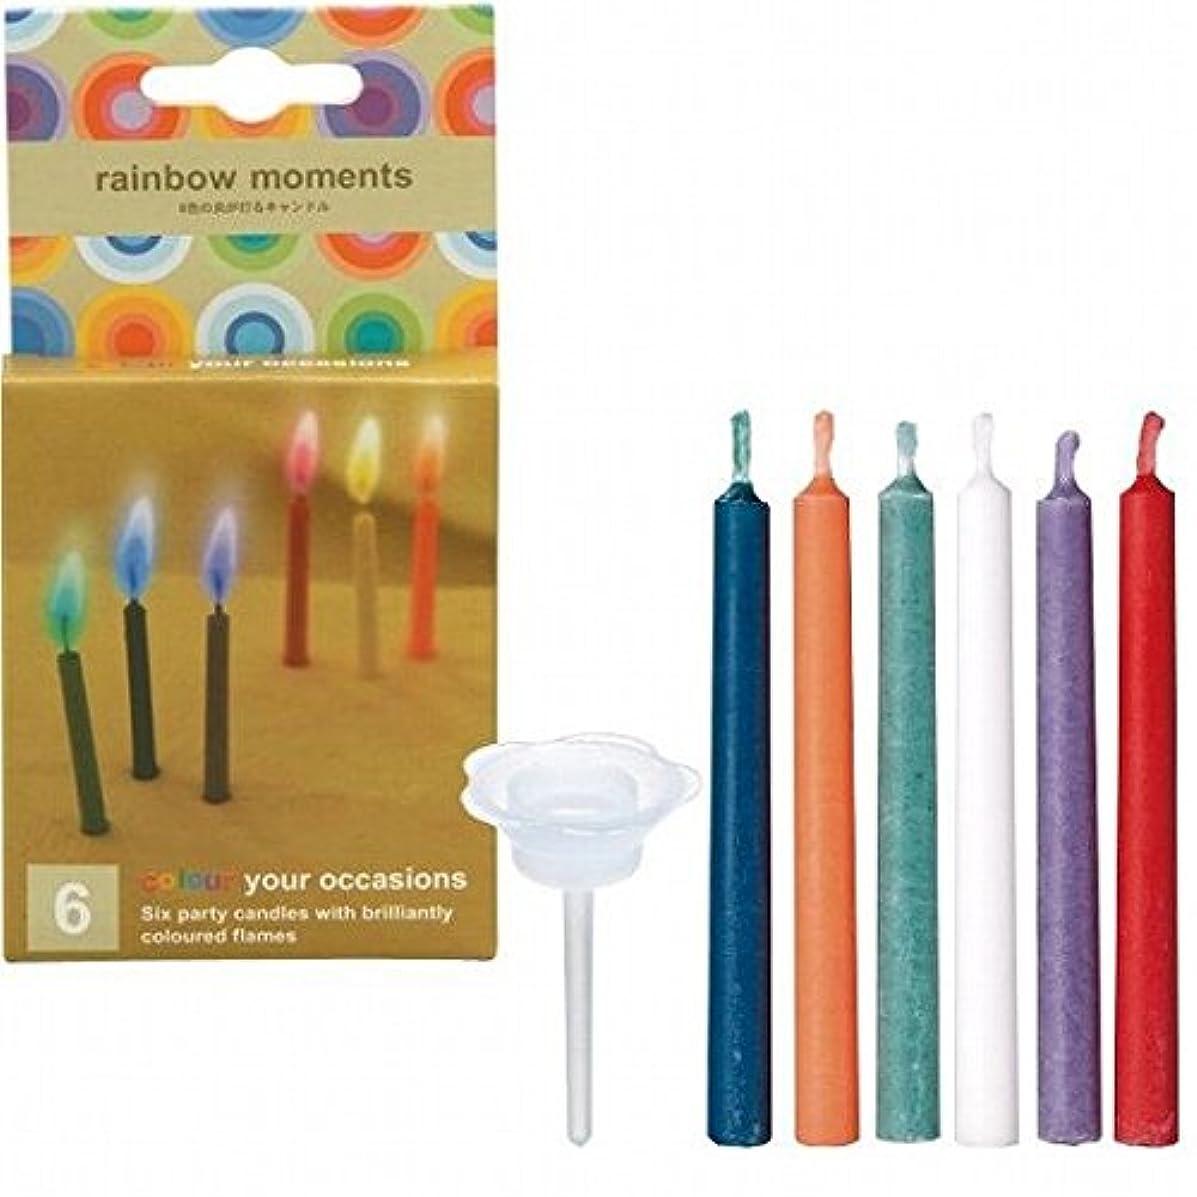 静かに葉を拾う衣類kameyama candle(カメヤマキャンドル) rainbowmoments(レインボーモーメント)6色6本入り 「 6本入り 」 キャンドル(56050000)